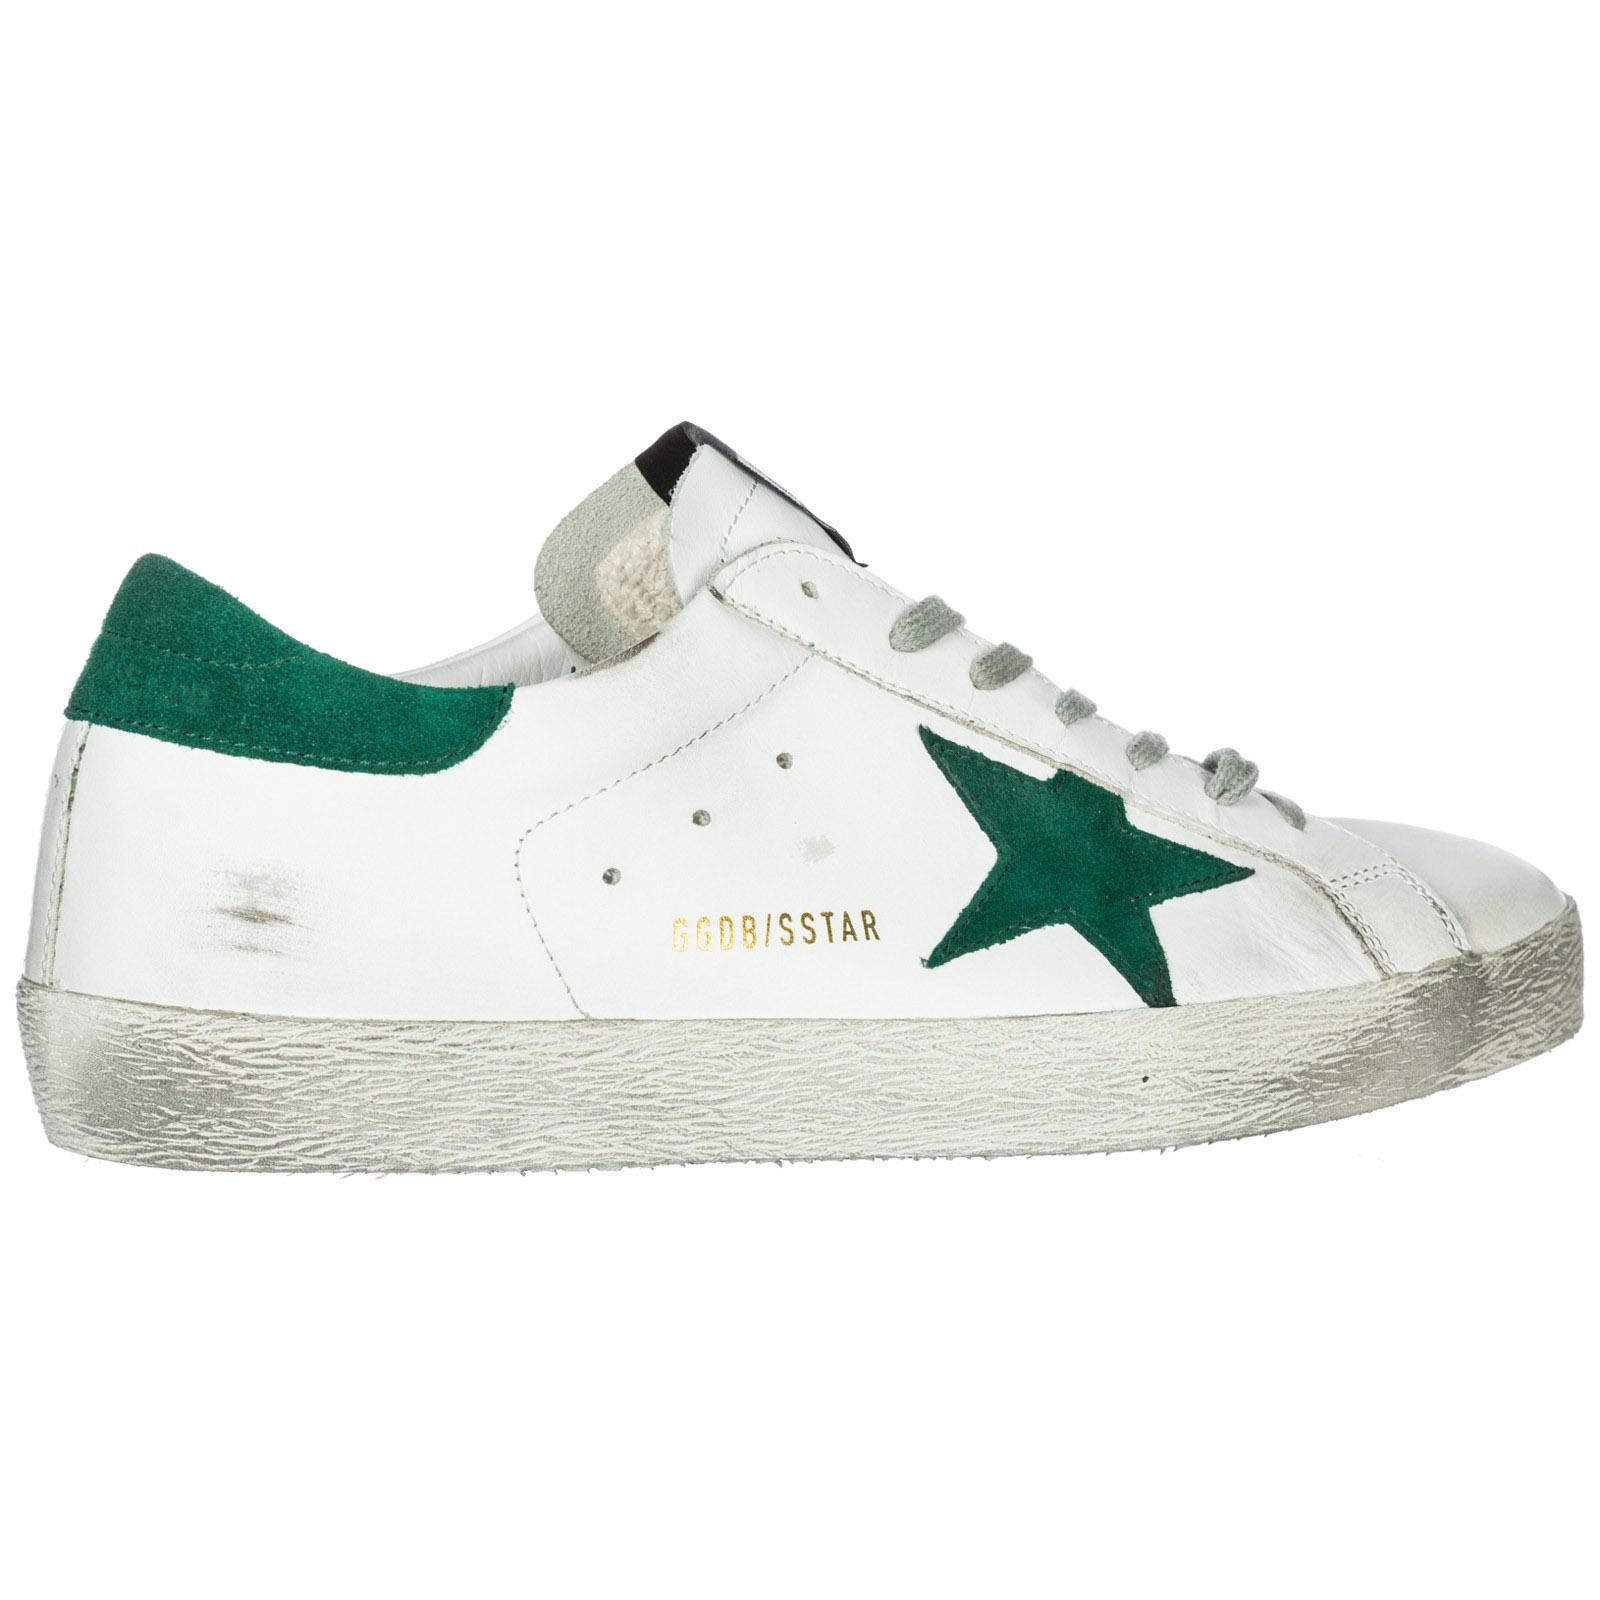 ... Chaussures baskets sneakers homme en cuir superstar ...